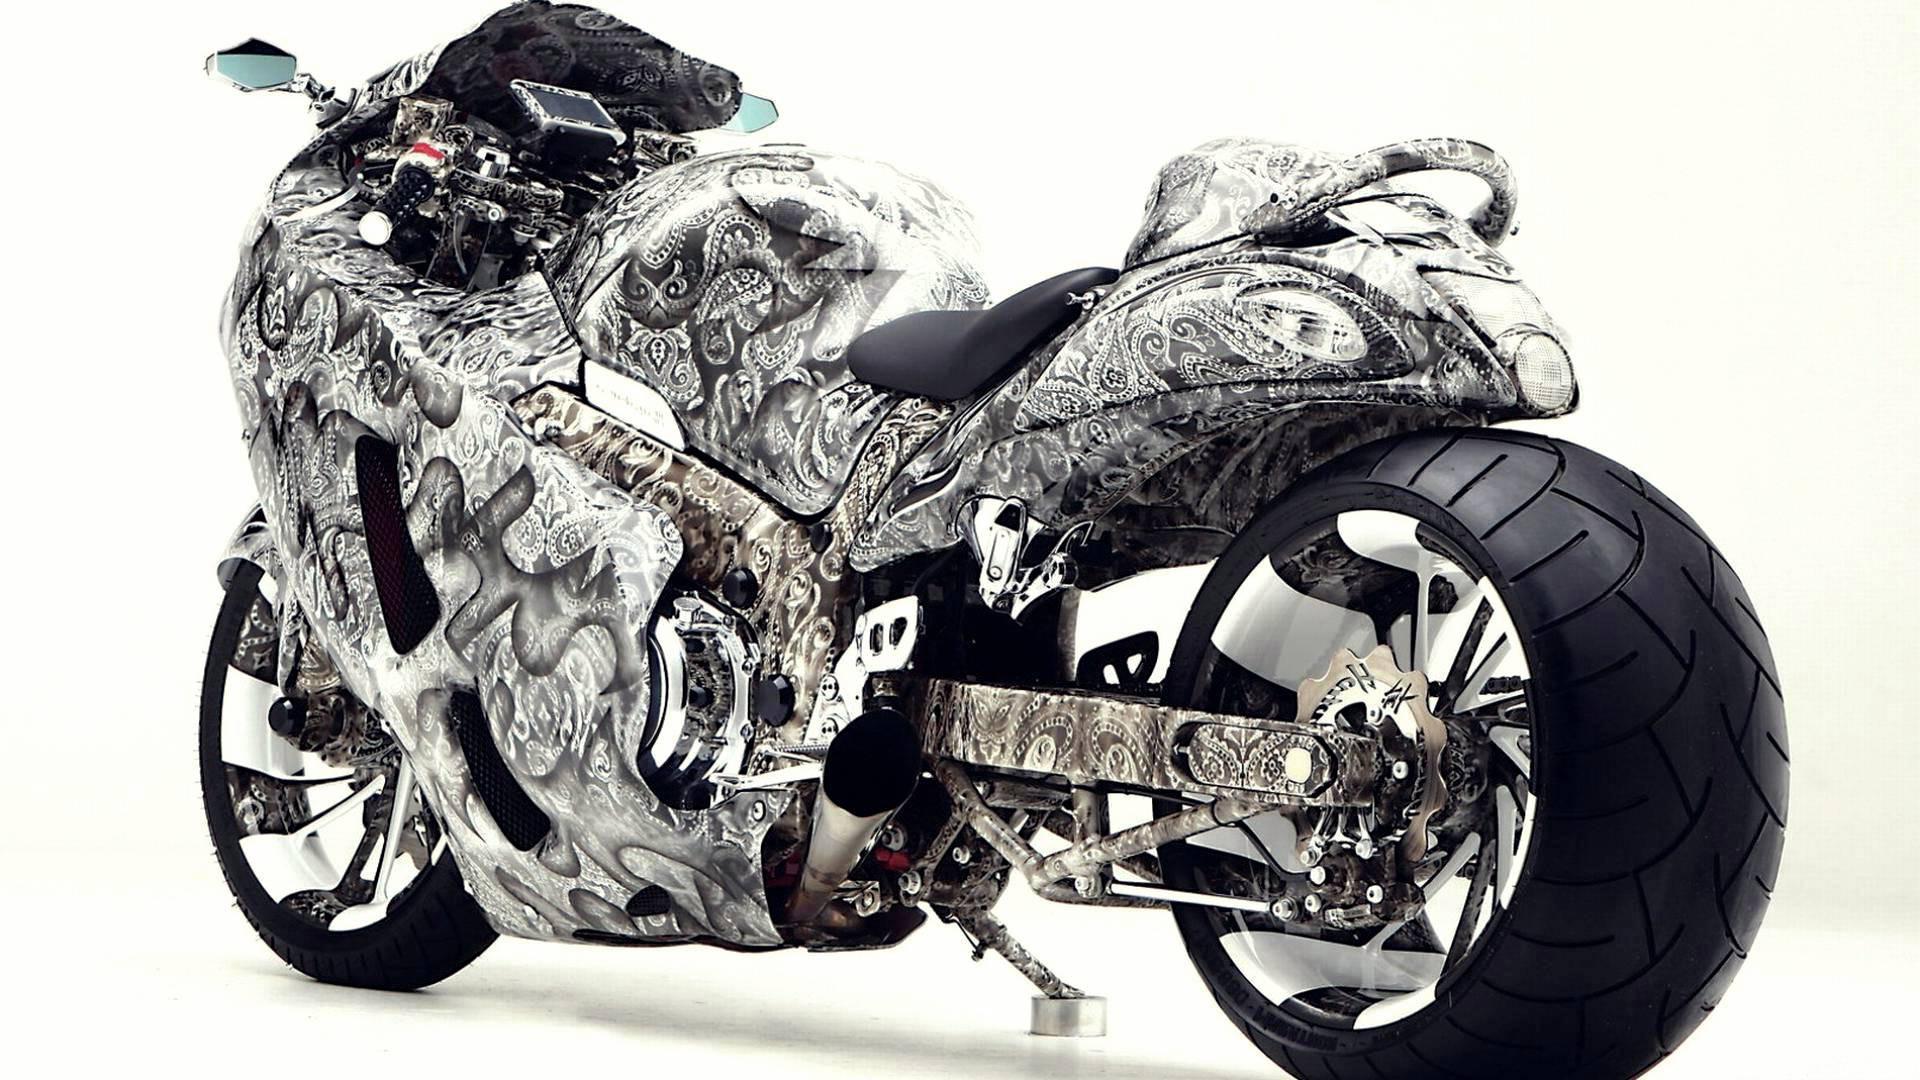 1920x1080 Frauen   Mädchen U0026 Motorräder Suzuki Hayabusa Wallpaper Good Looking